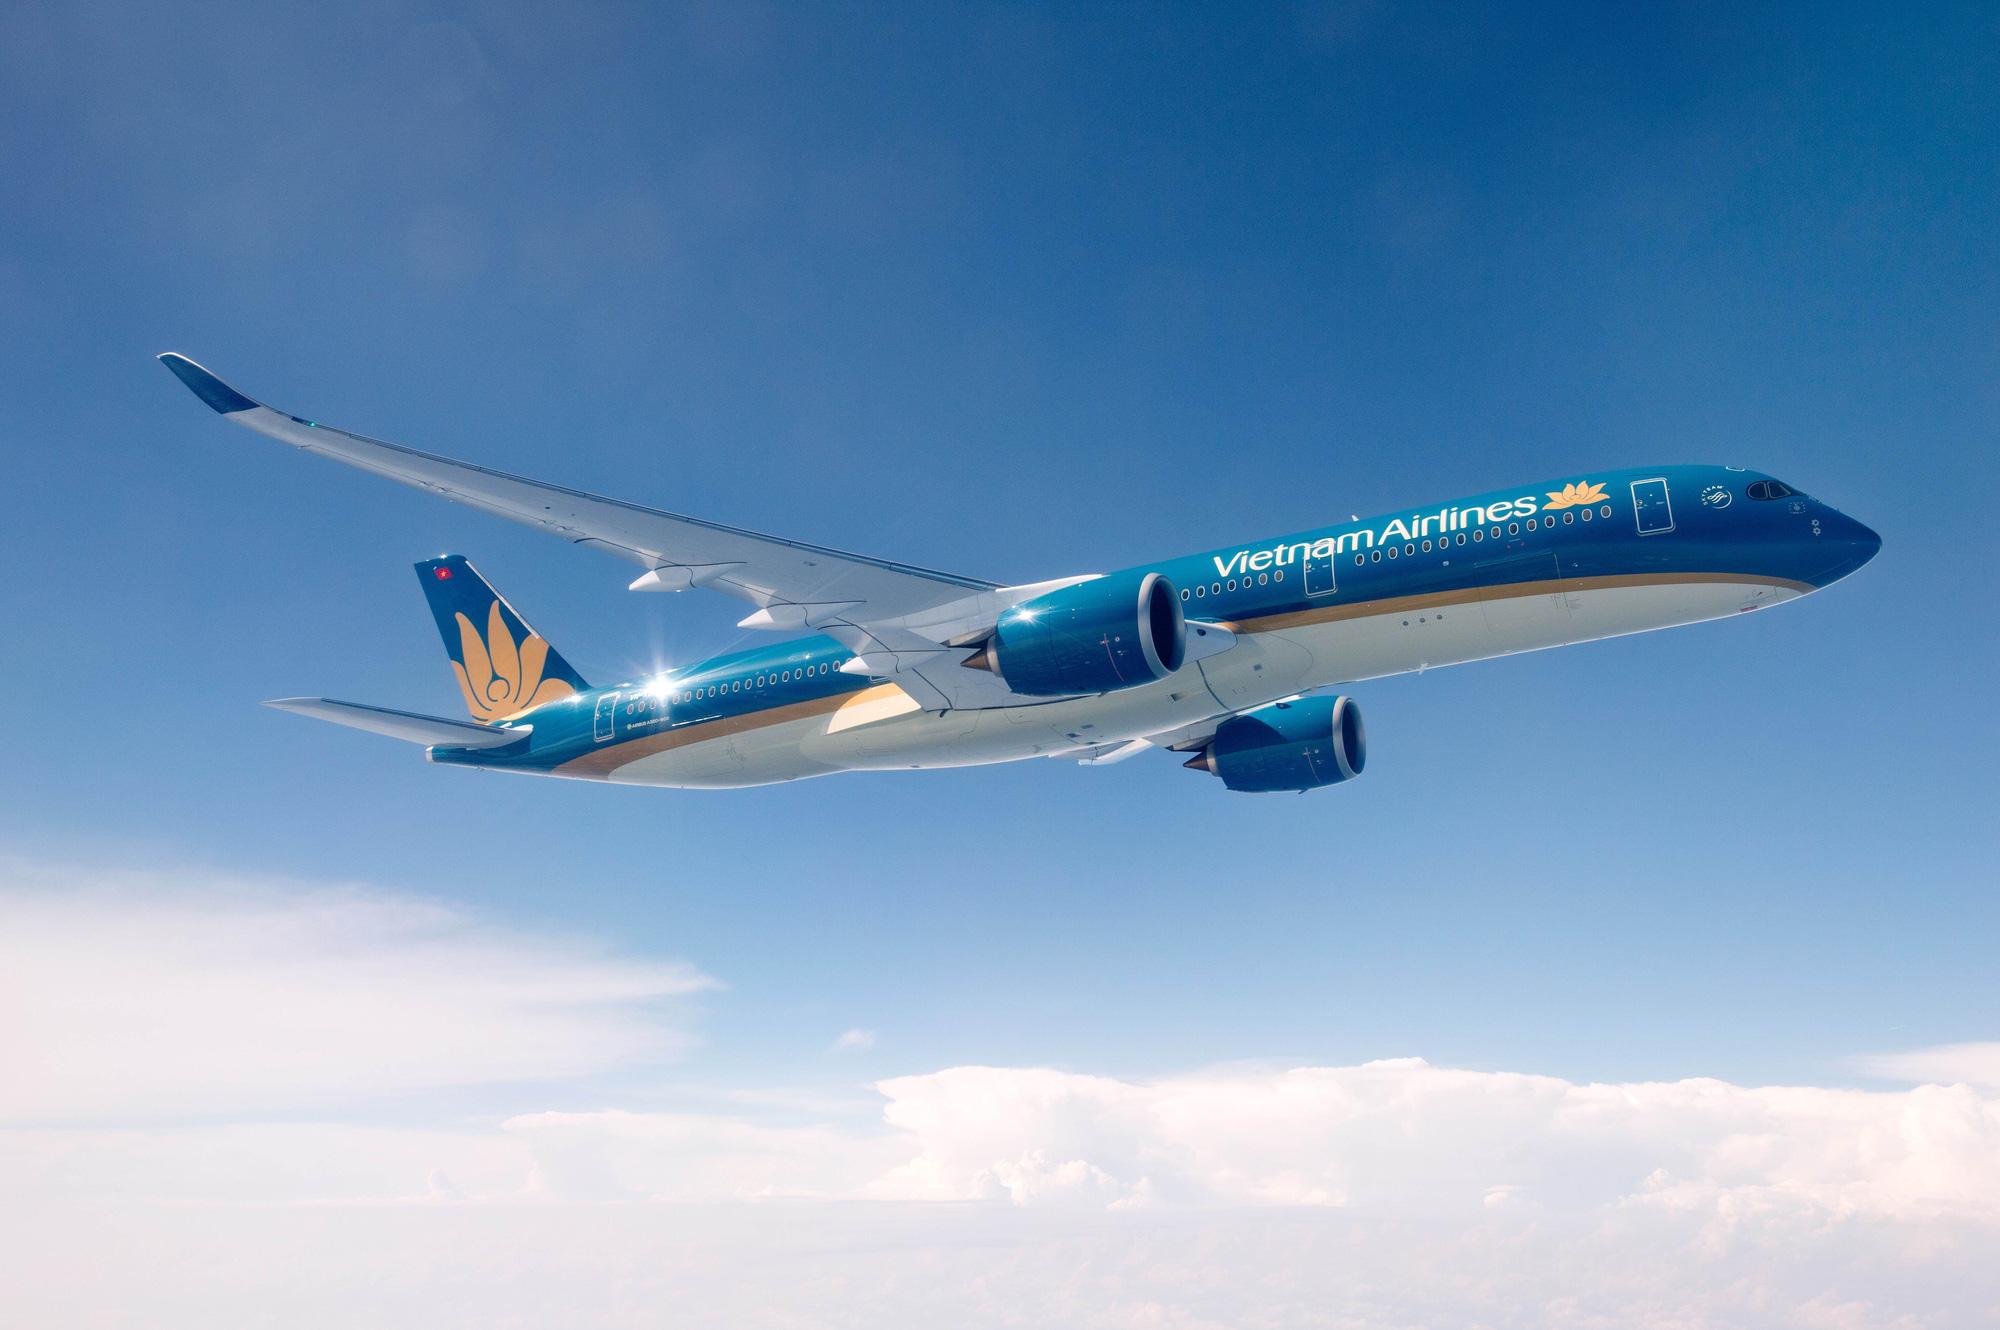 Bão số 5 di chuyển phức tạp, hàng loạt chuyến bay bị huỷ - Ảnh 1.